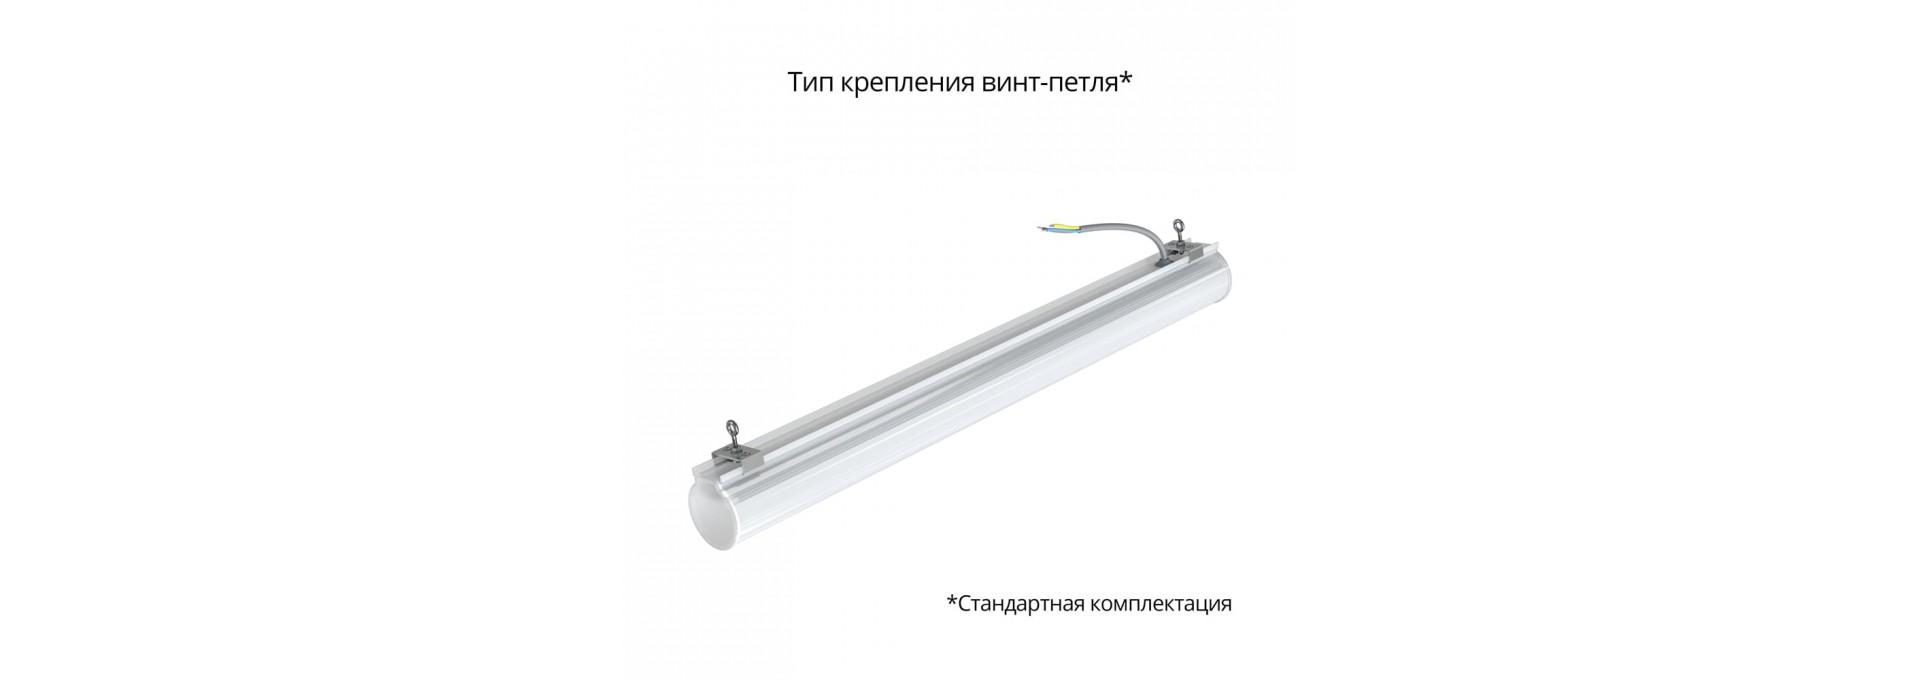 Тубус 20 600мм 3000К